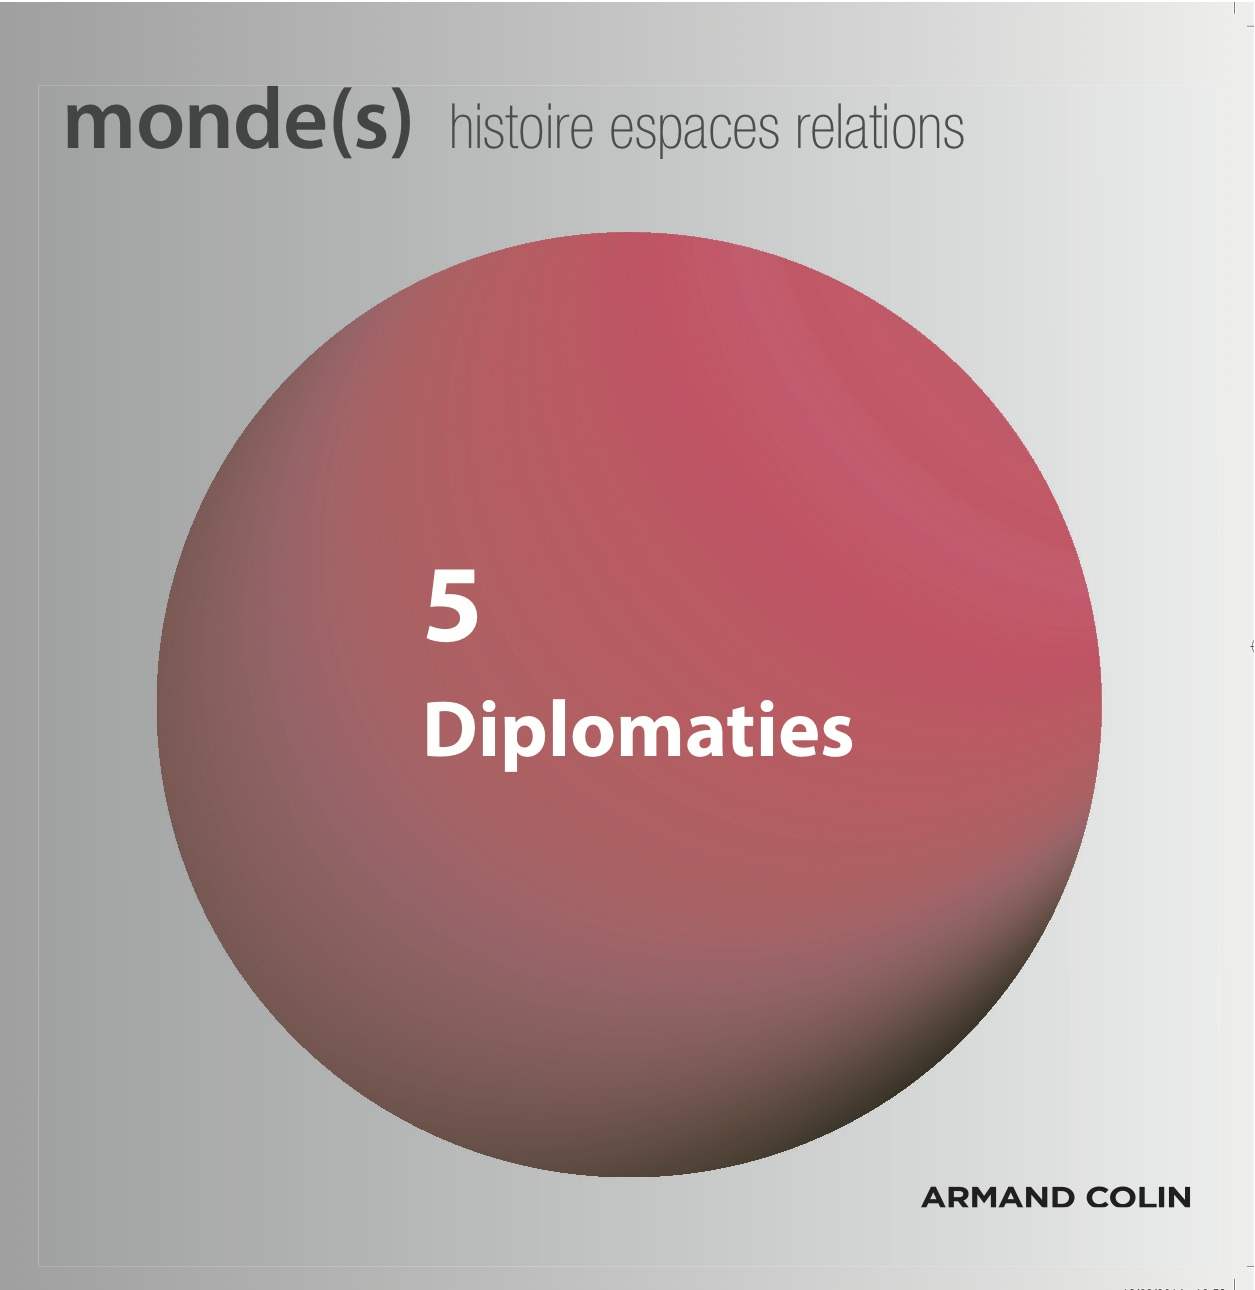 Diplomaties n°5